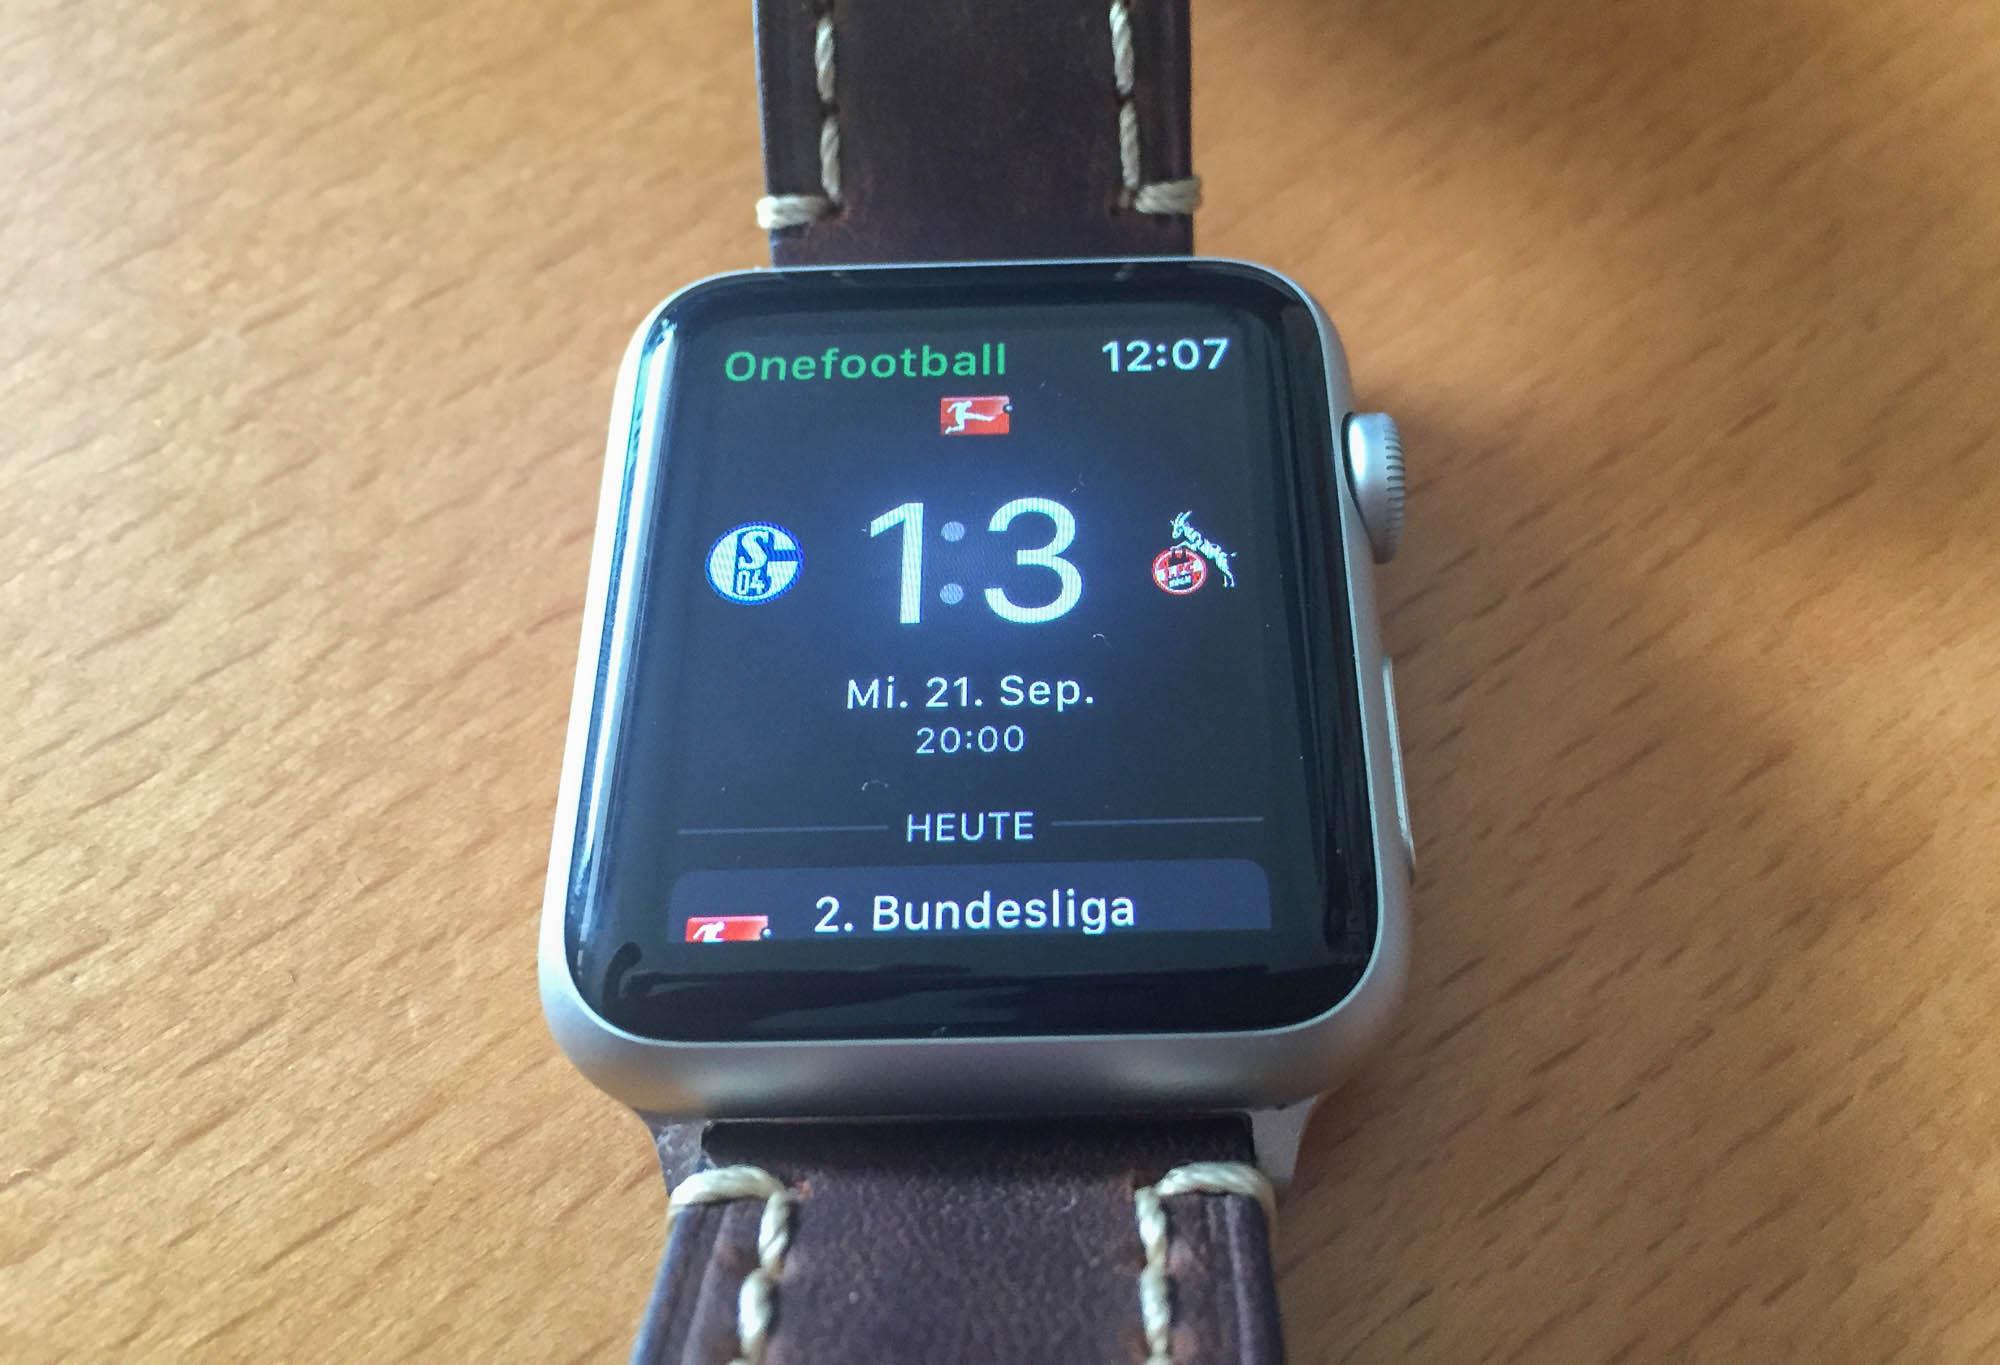 AppleWatch WatchOS 3